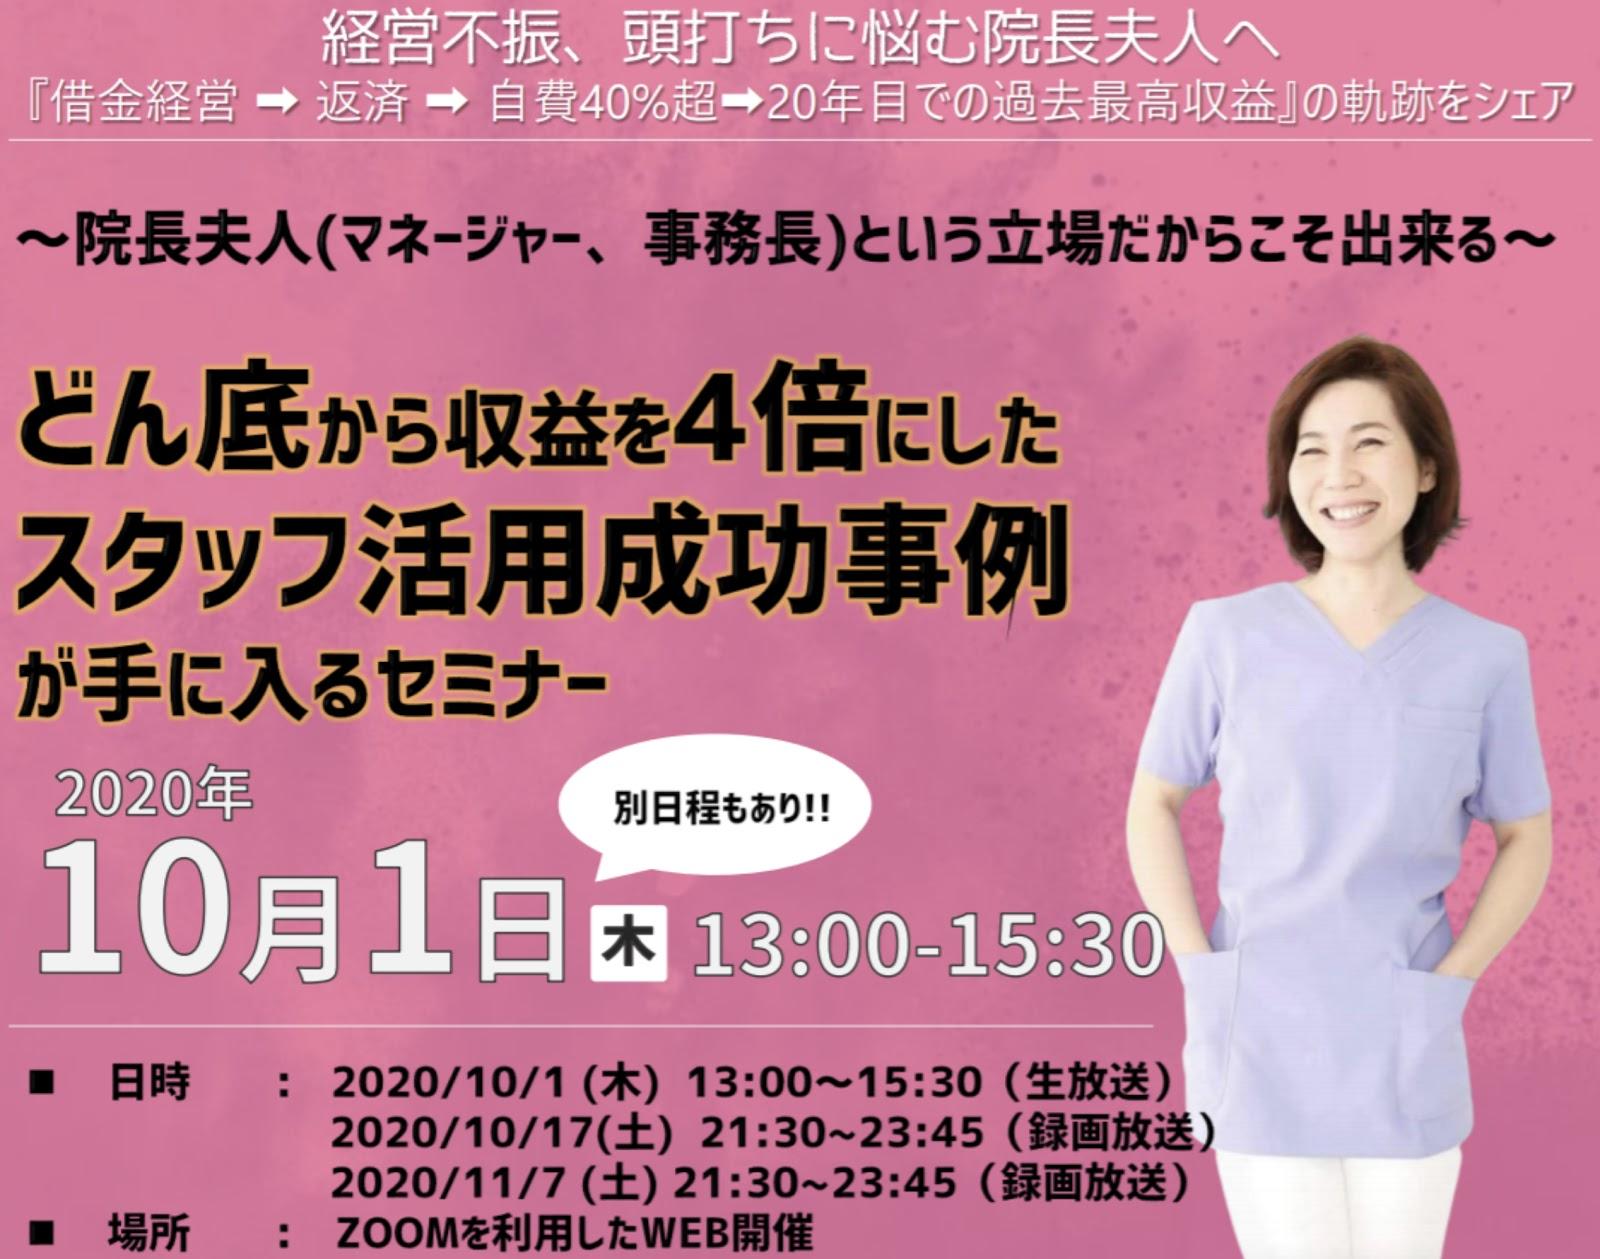 歯科×管理栄養士 WEBセミナー イベントレポート